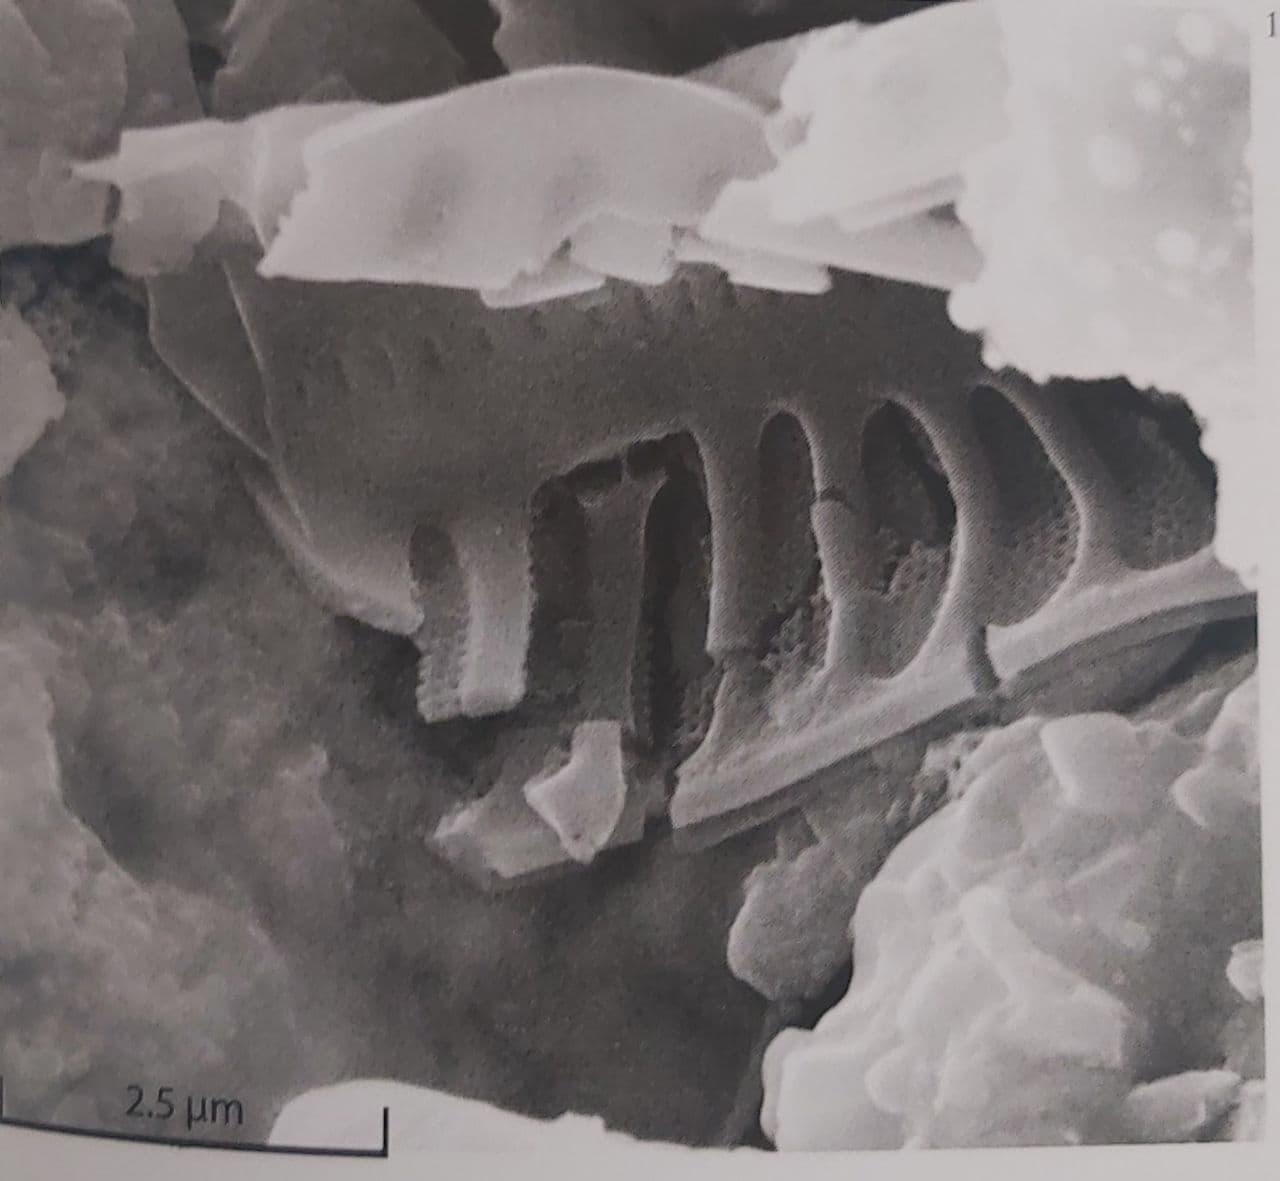 """Одна из иллюстраций книги """"Метеорит Оргей. Атлас микрофоссилий"""". Фото © LIFE"""